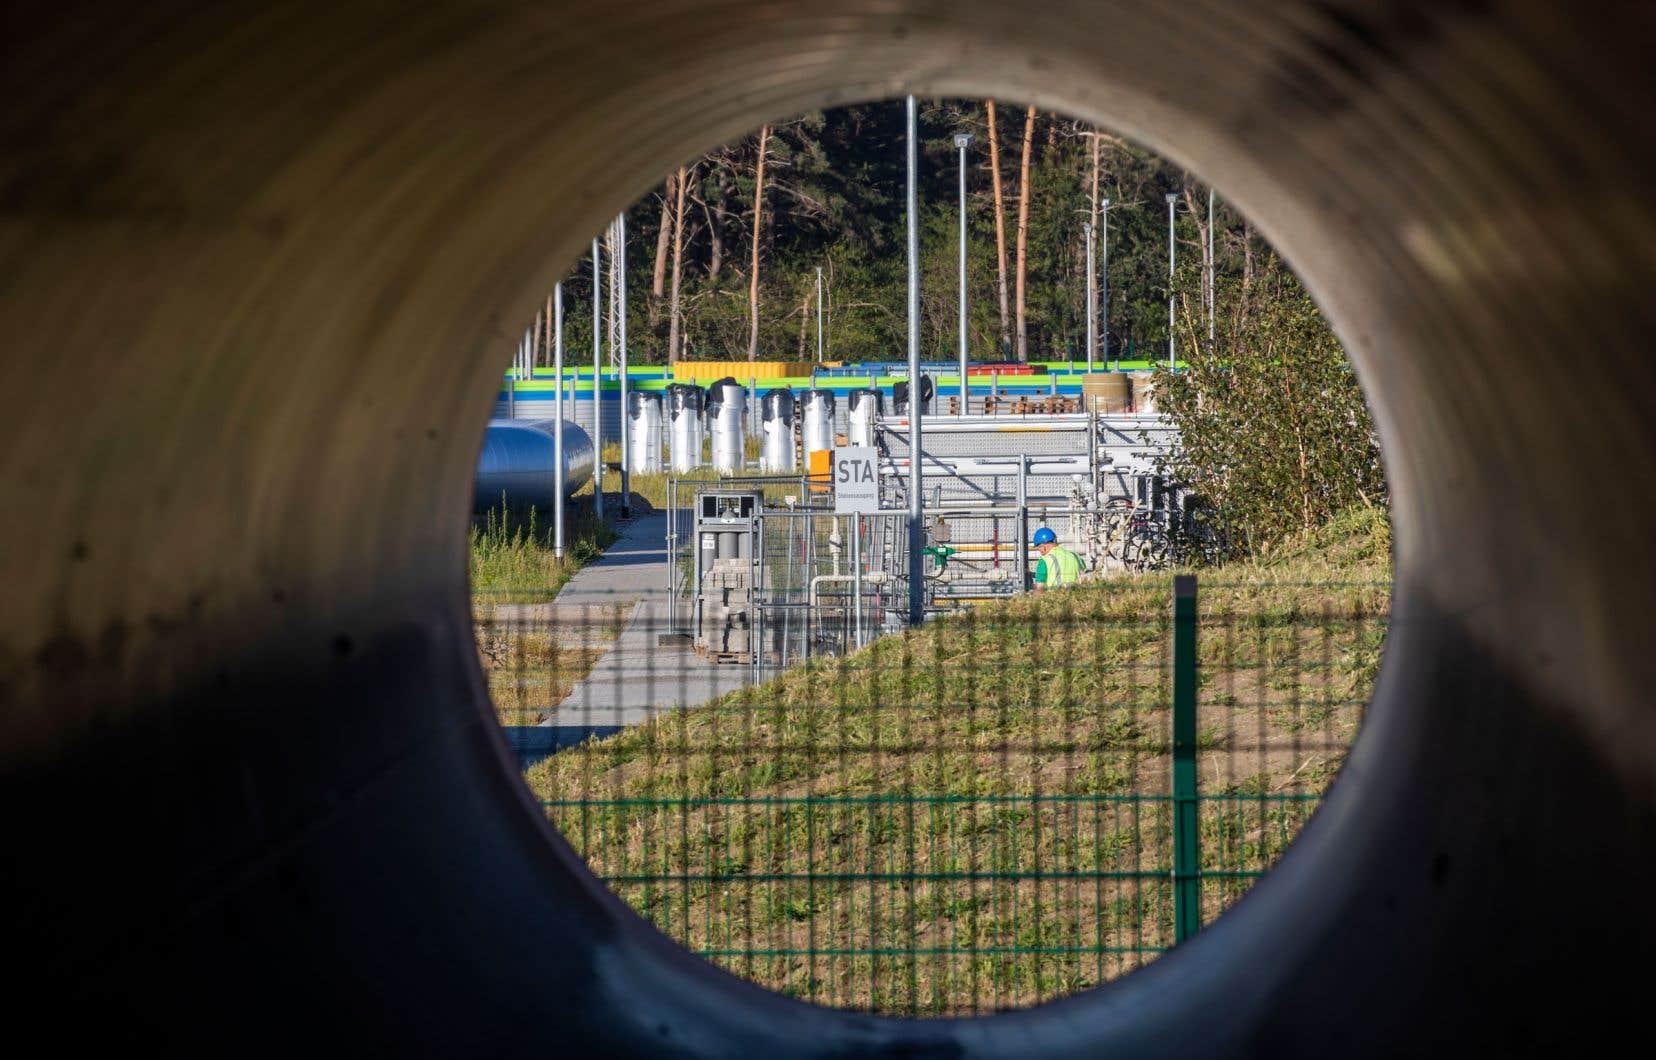 Le gazoduc Nord Stream 2de la compagnie russe Gazprom soutenu par d'importants groupes énergétiques européens est achevé à 95%.